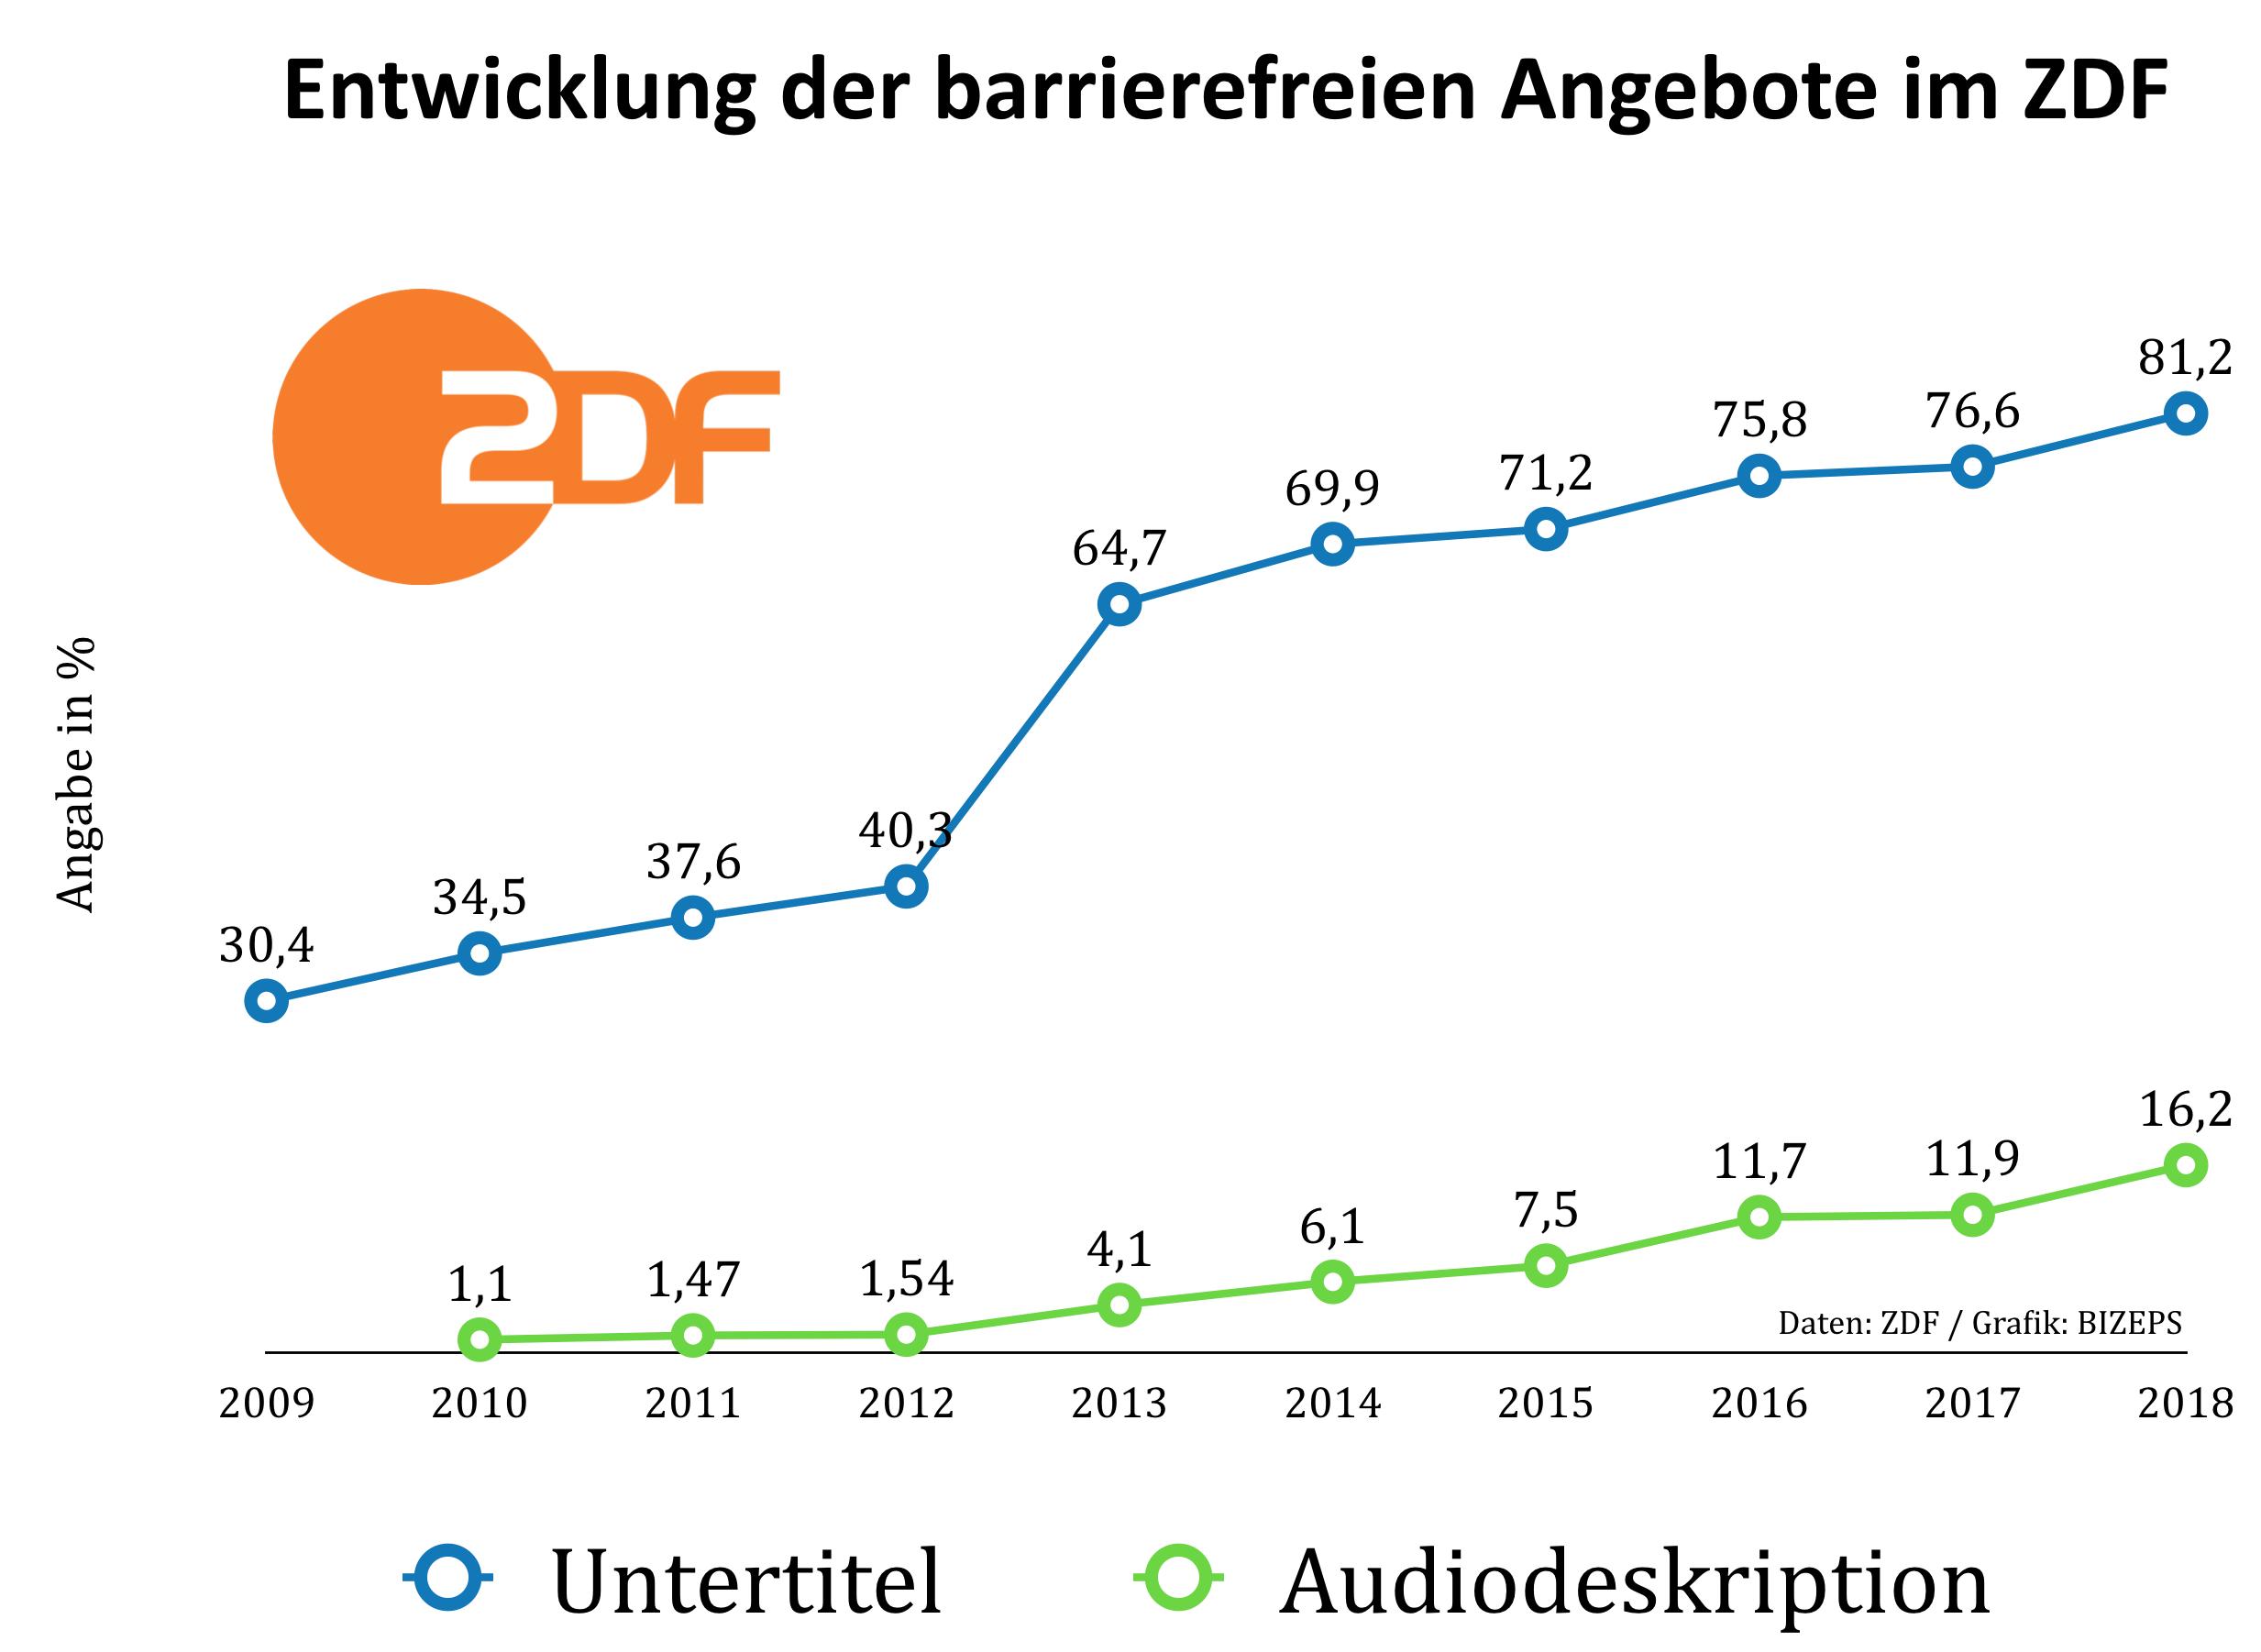 Anteil an untertitelten Programmen ist seit 2009 bis 2018 von 30,4 % auf 81,2 % gestiegen. Bei den Programmen mit Audiodeskription gibt es von 2010 bis 2019 einen Anstieg von 1, % auf 16,2 %.